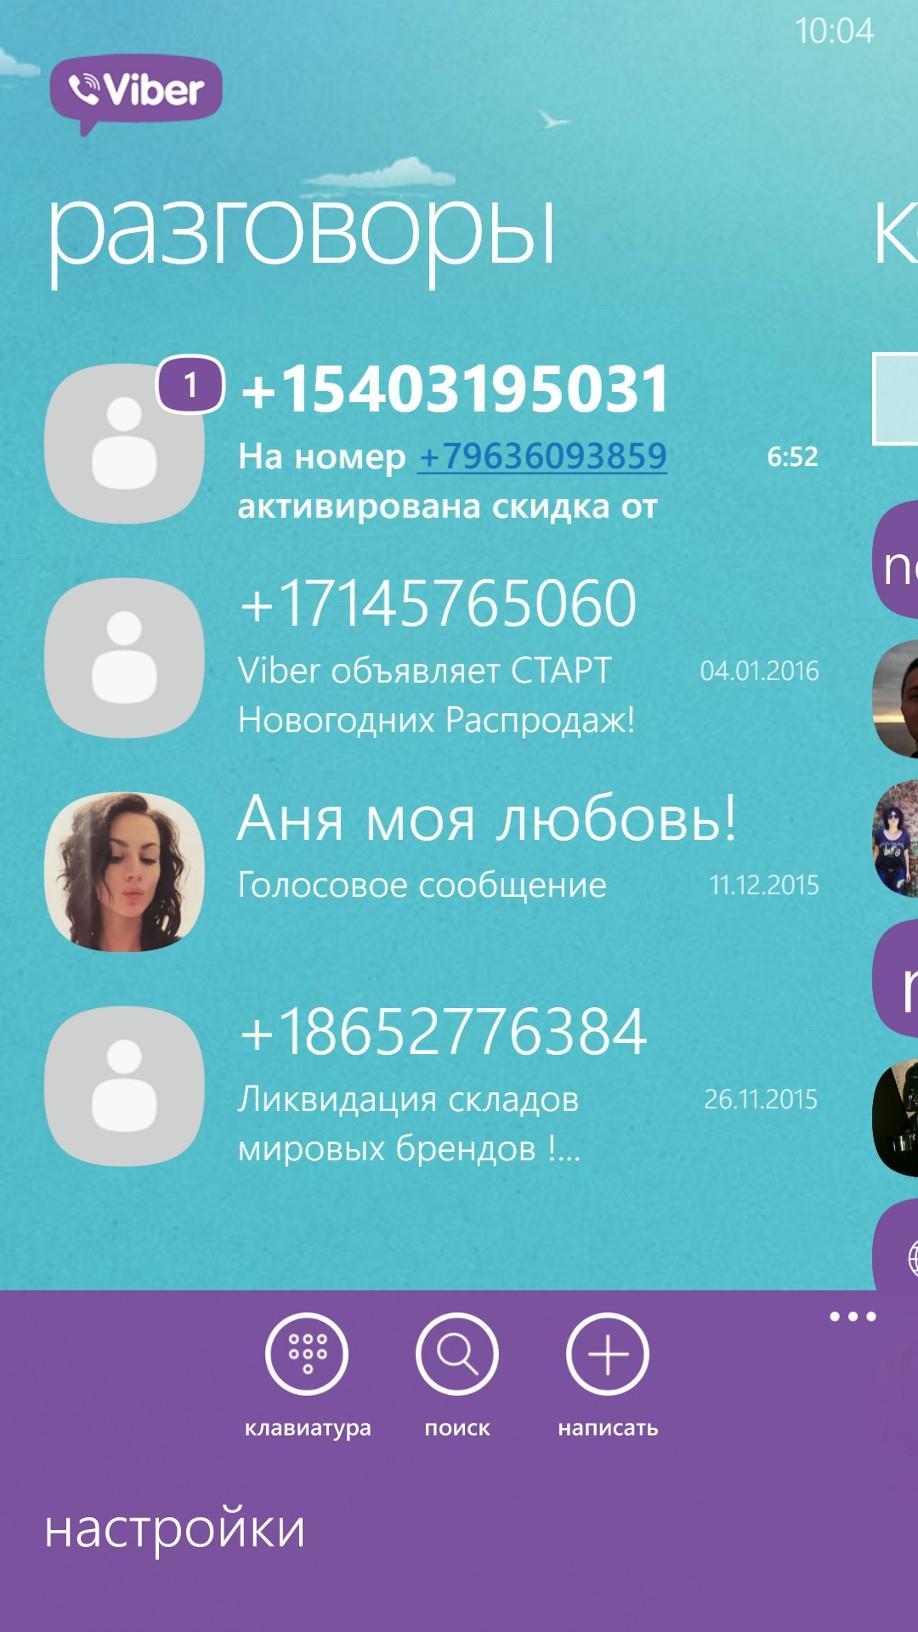 Viber - как скачать рингтон и изменить стандартный звонок